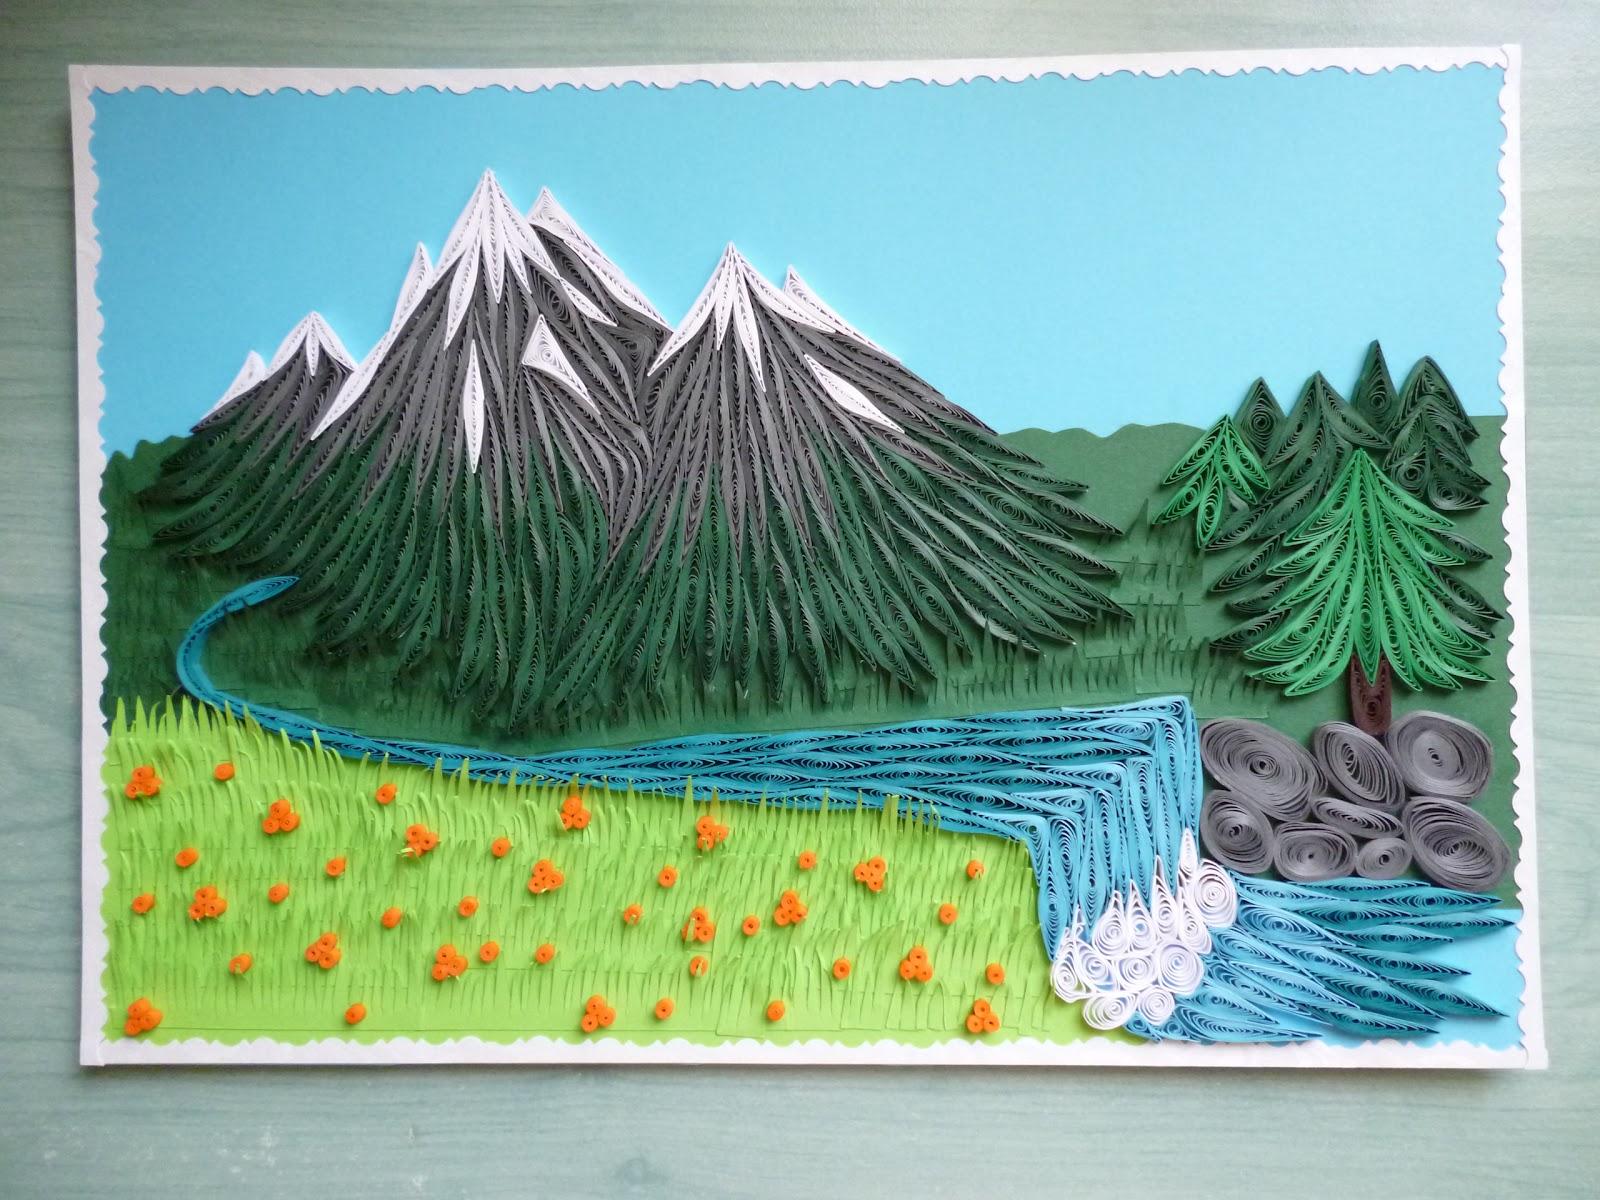 Pap rvil g quilling t jk p quilled mountain landscape for Landscape design paper